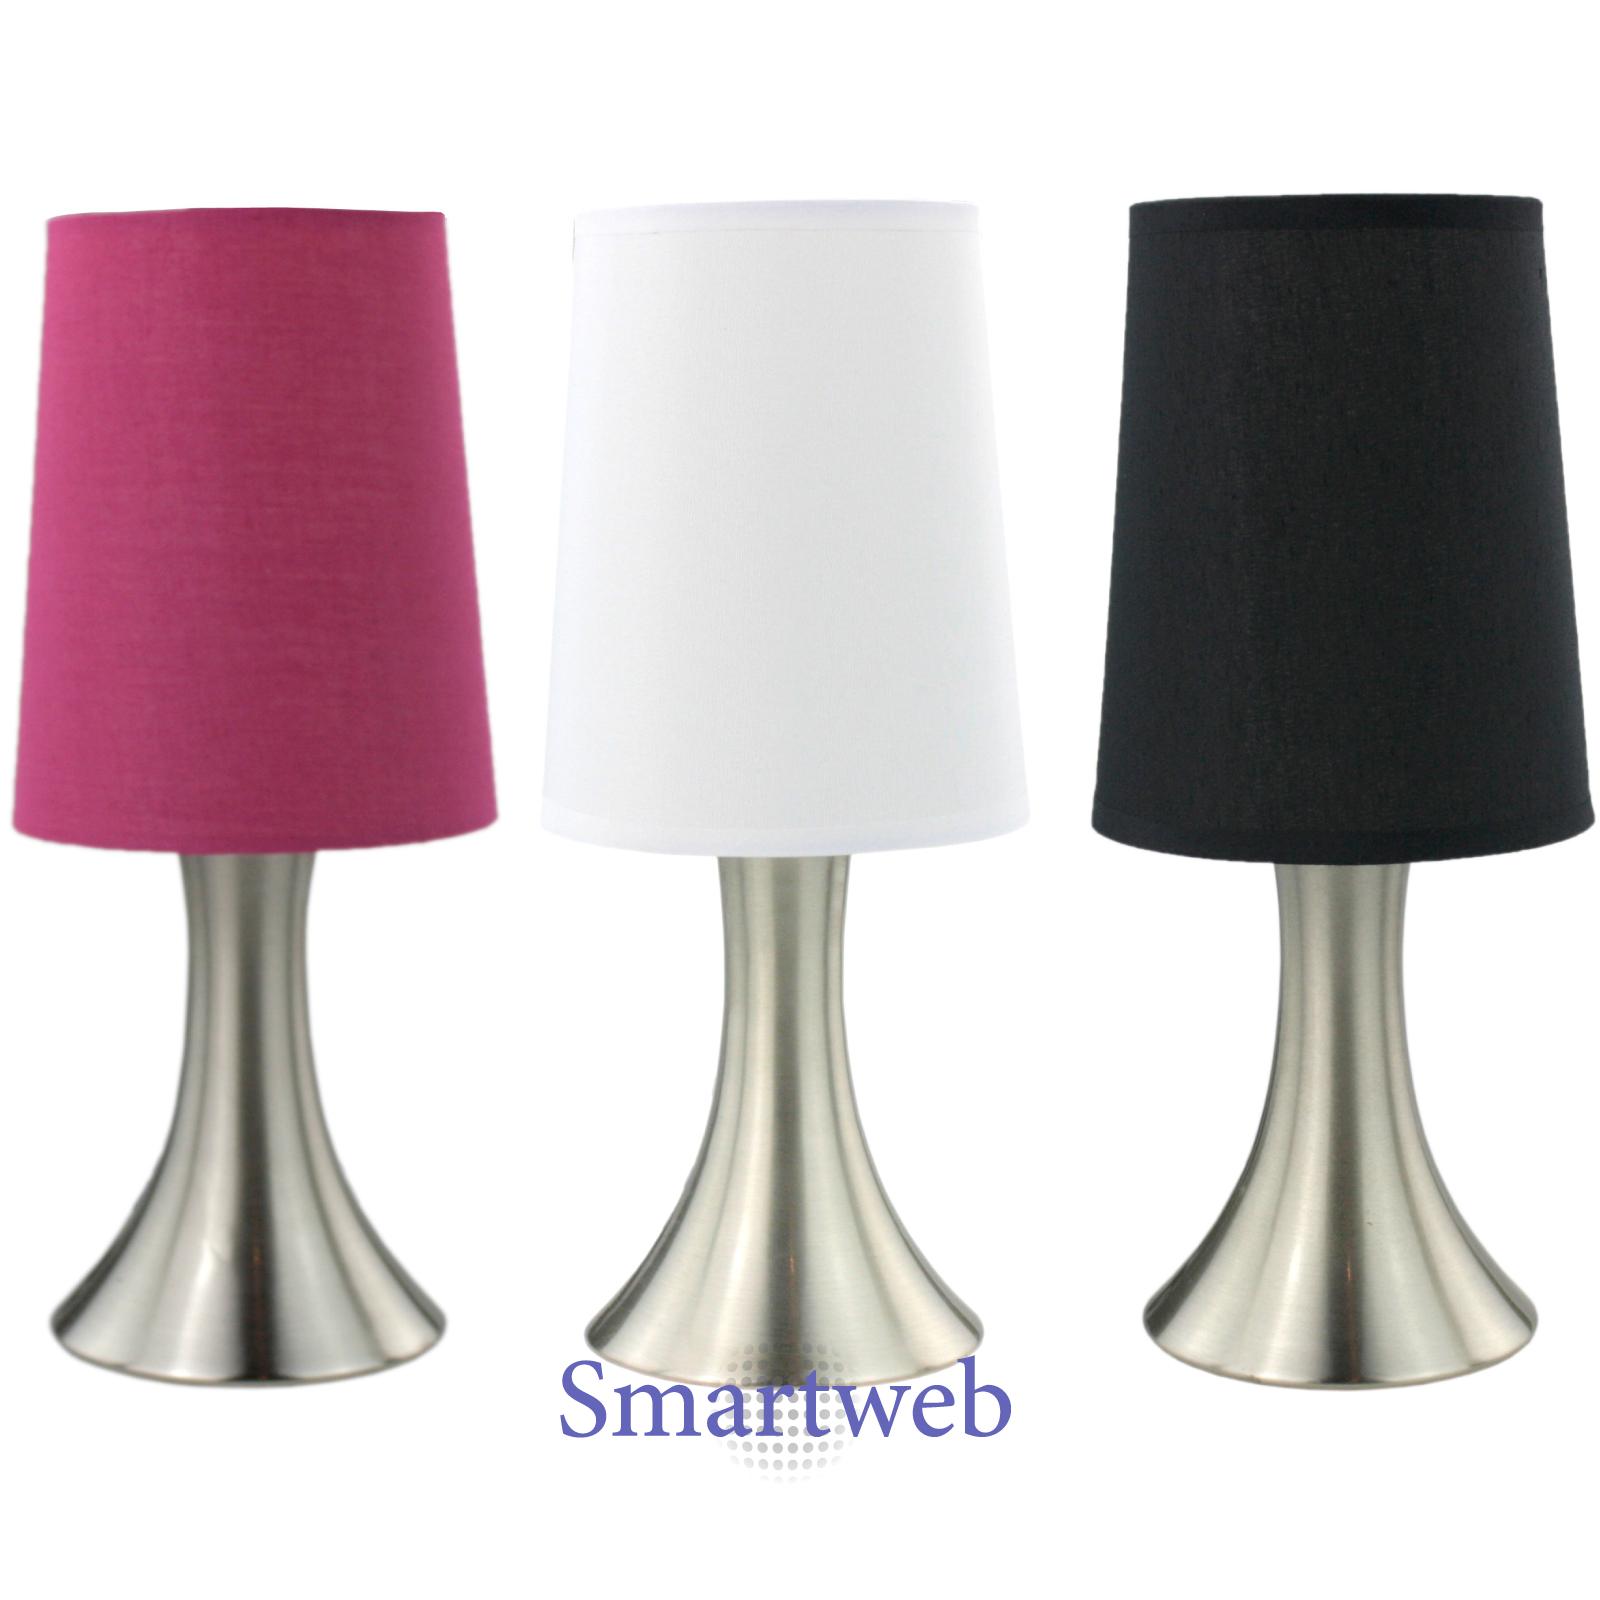 touch nachttischlampe nachttischleuchte tischlampe nachtlampe stehlampe lampe ebay. Black Bedroom Furniture Sets. Home Design Ideas